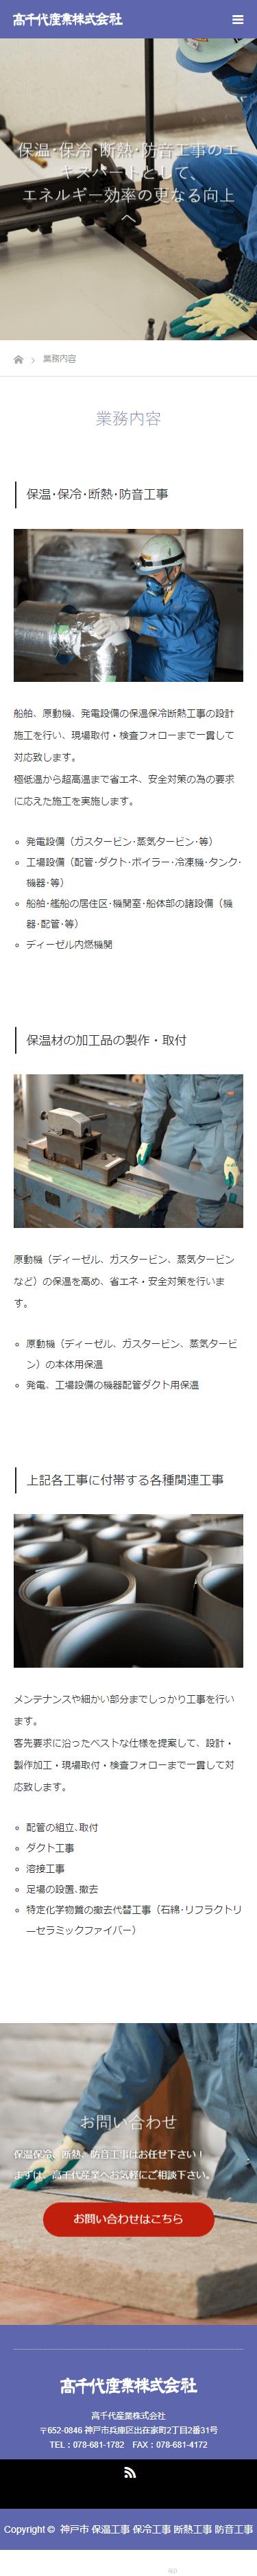 神戸市 高千代産業株式会社 ホームページ制作4